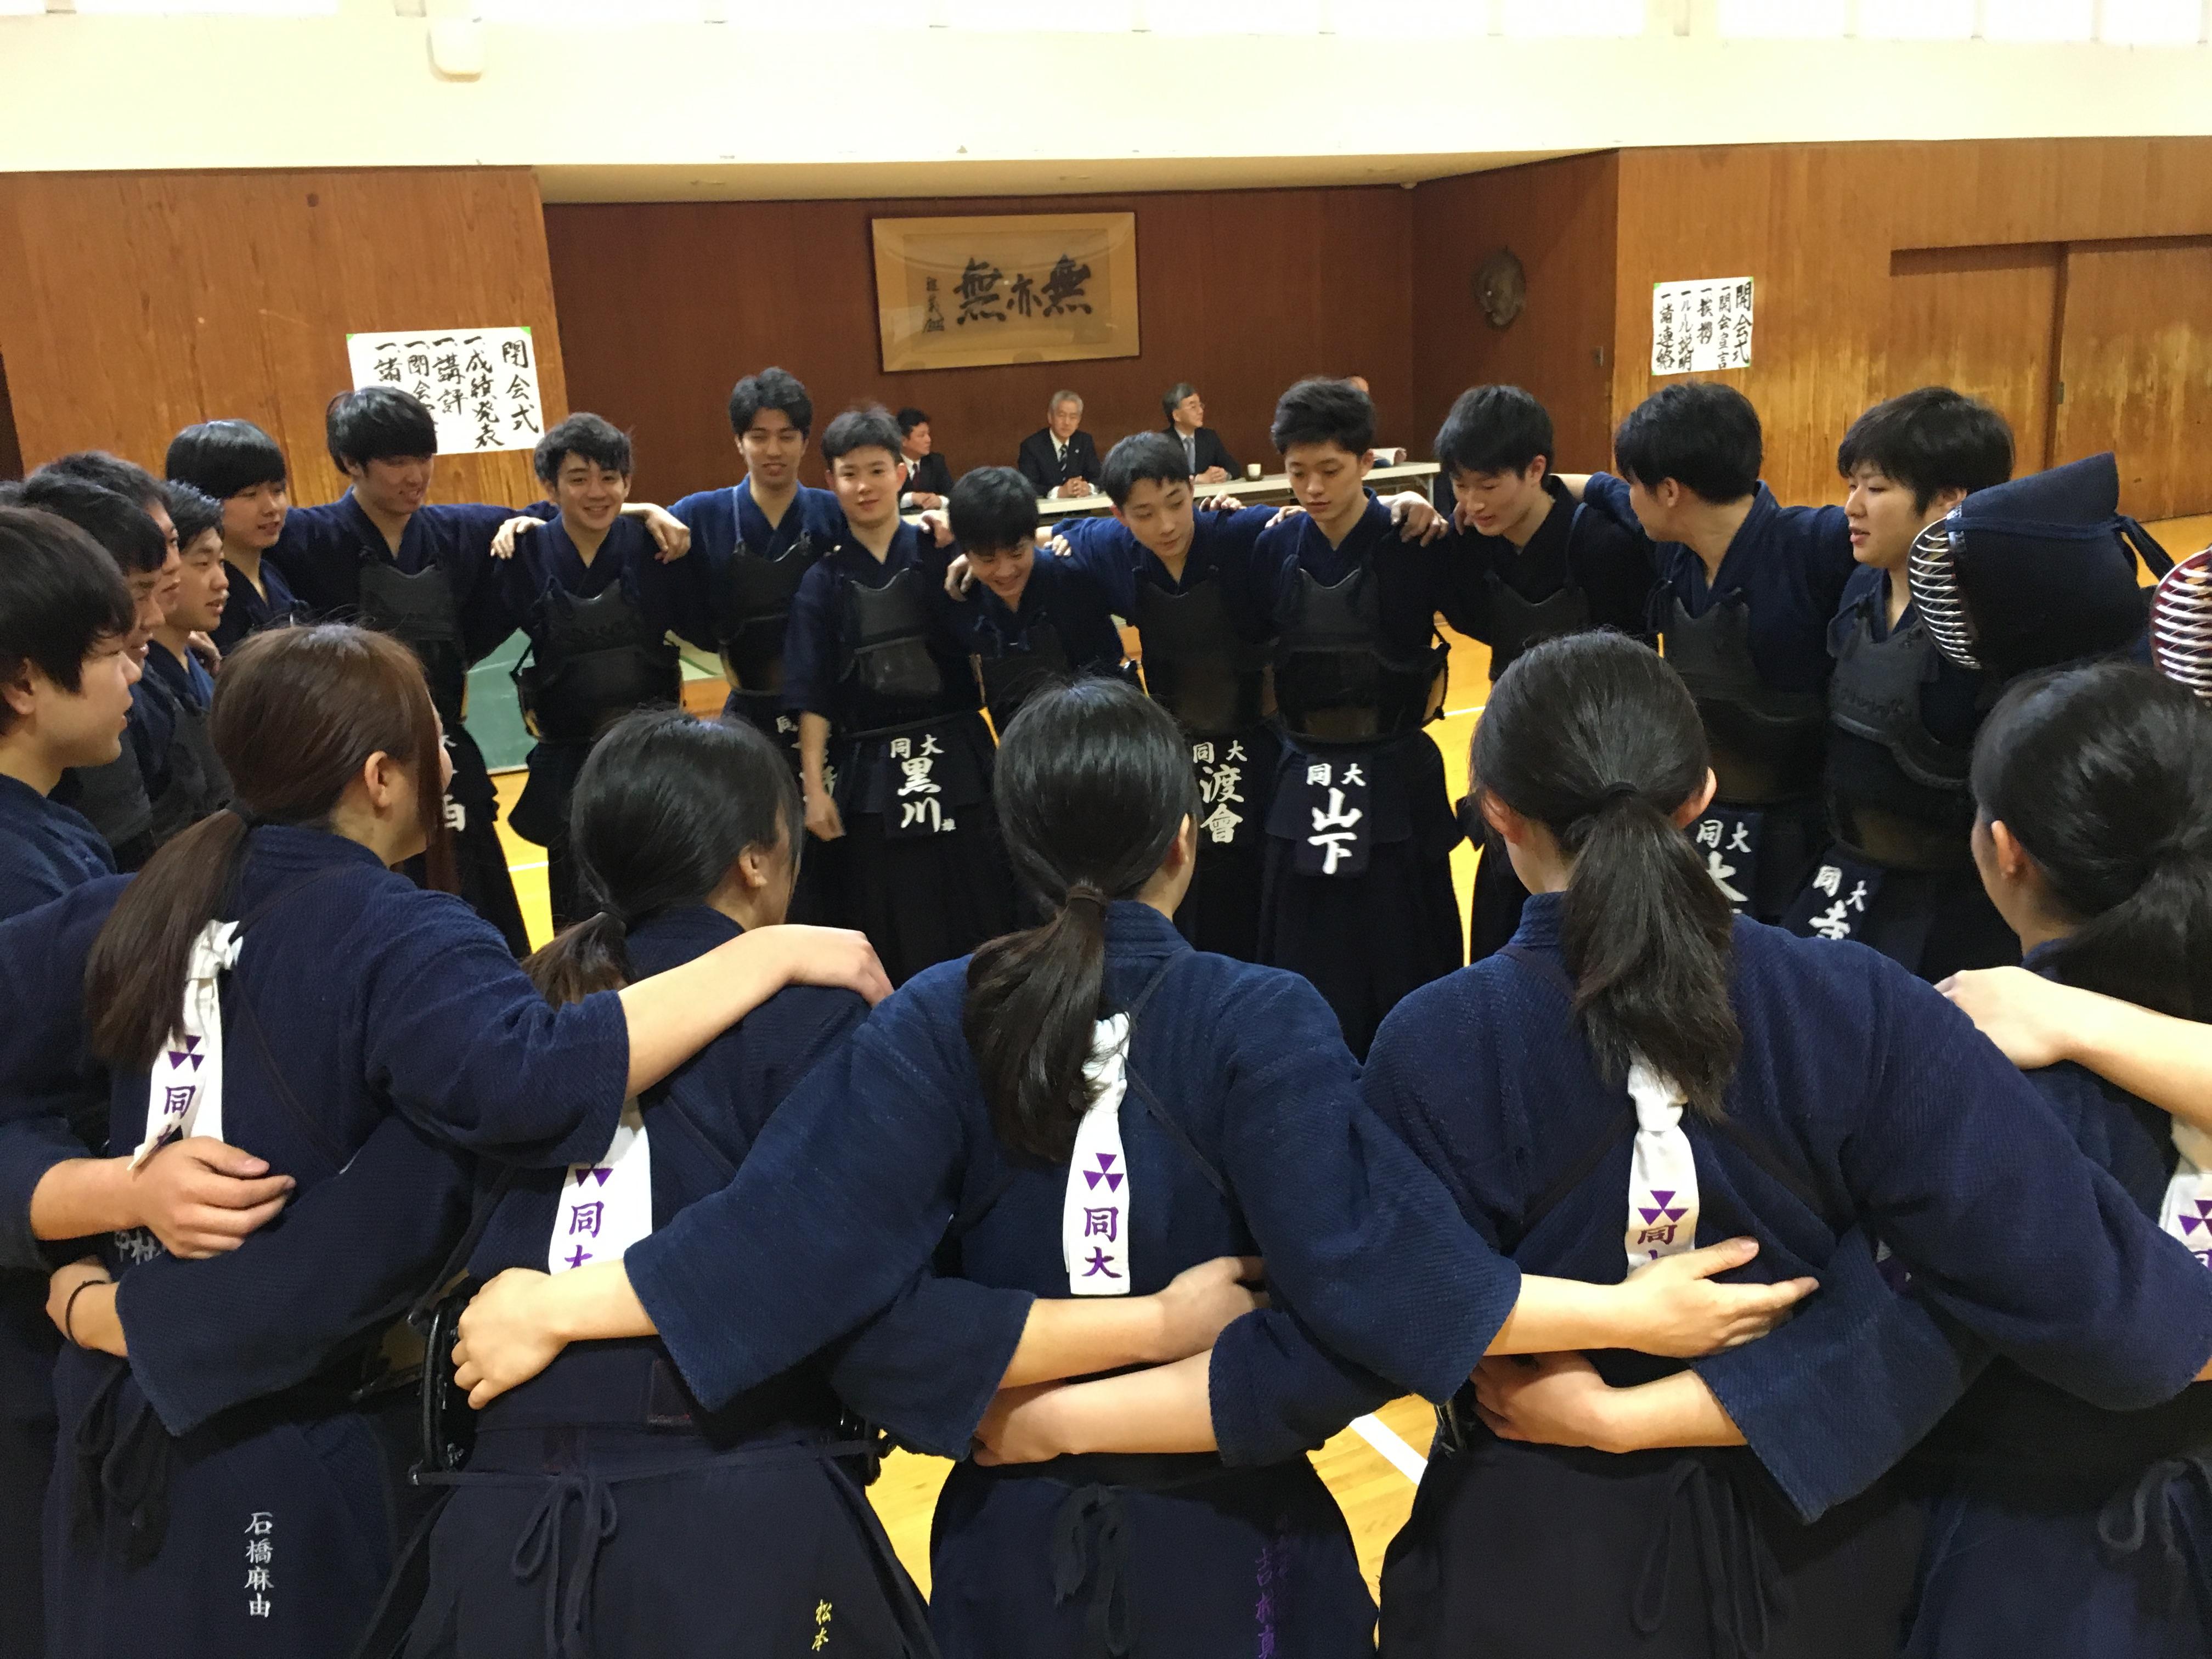 【結果報告】京同立定期戦(2017.4.9 )